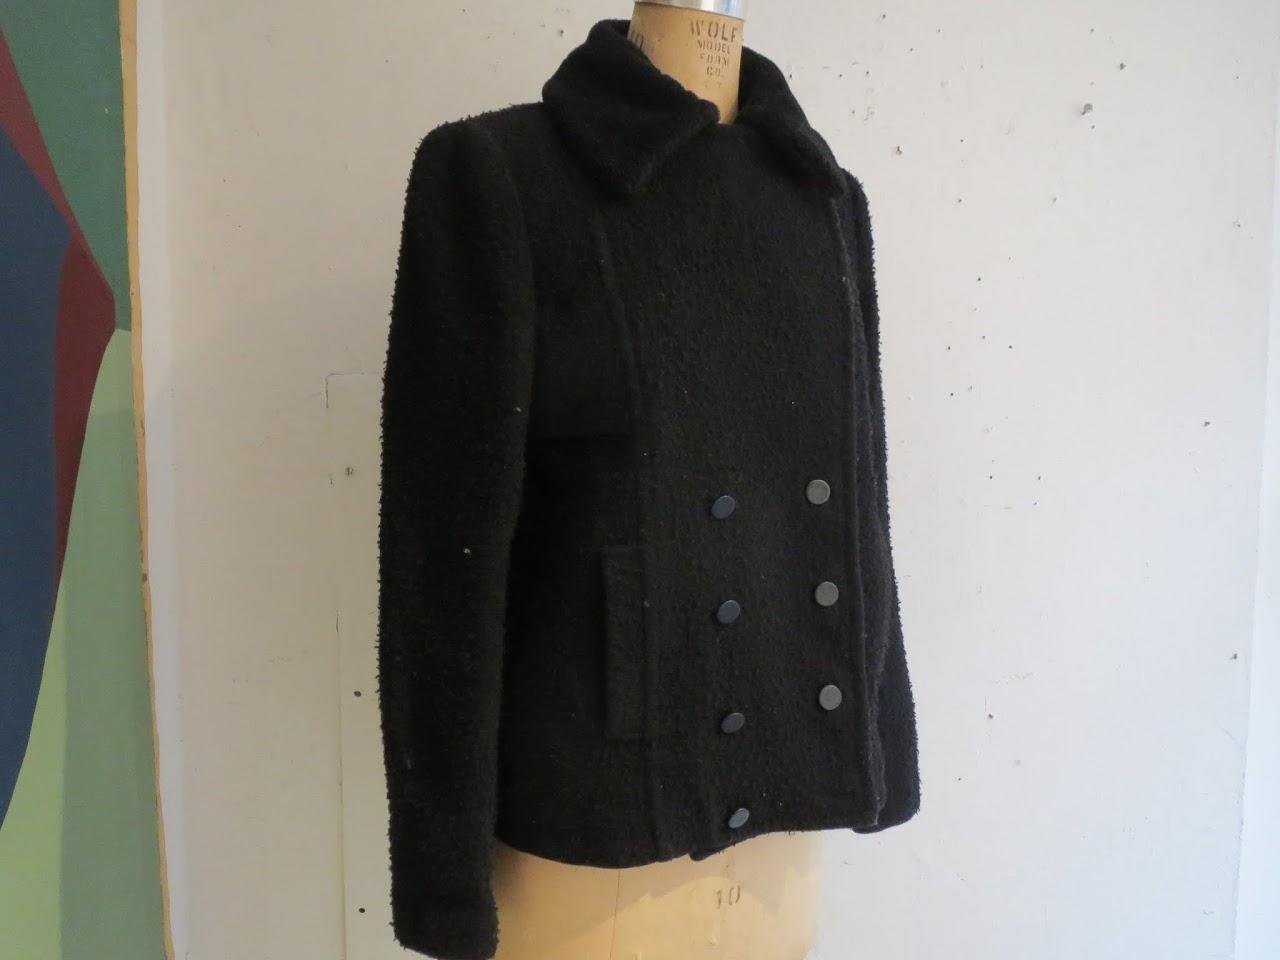 Alexander Wang Coat